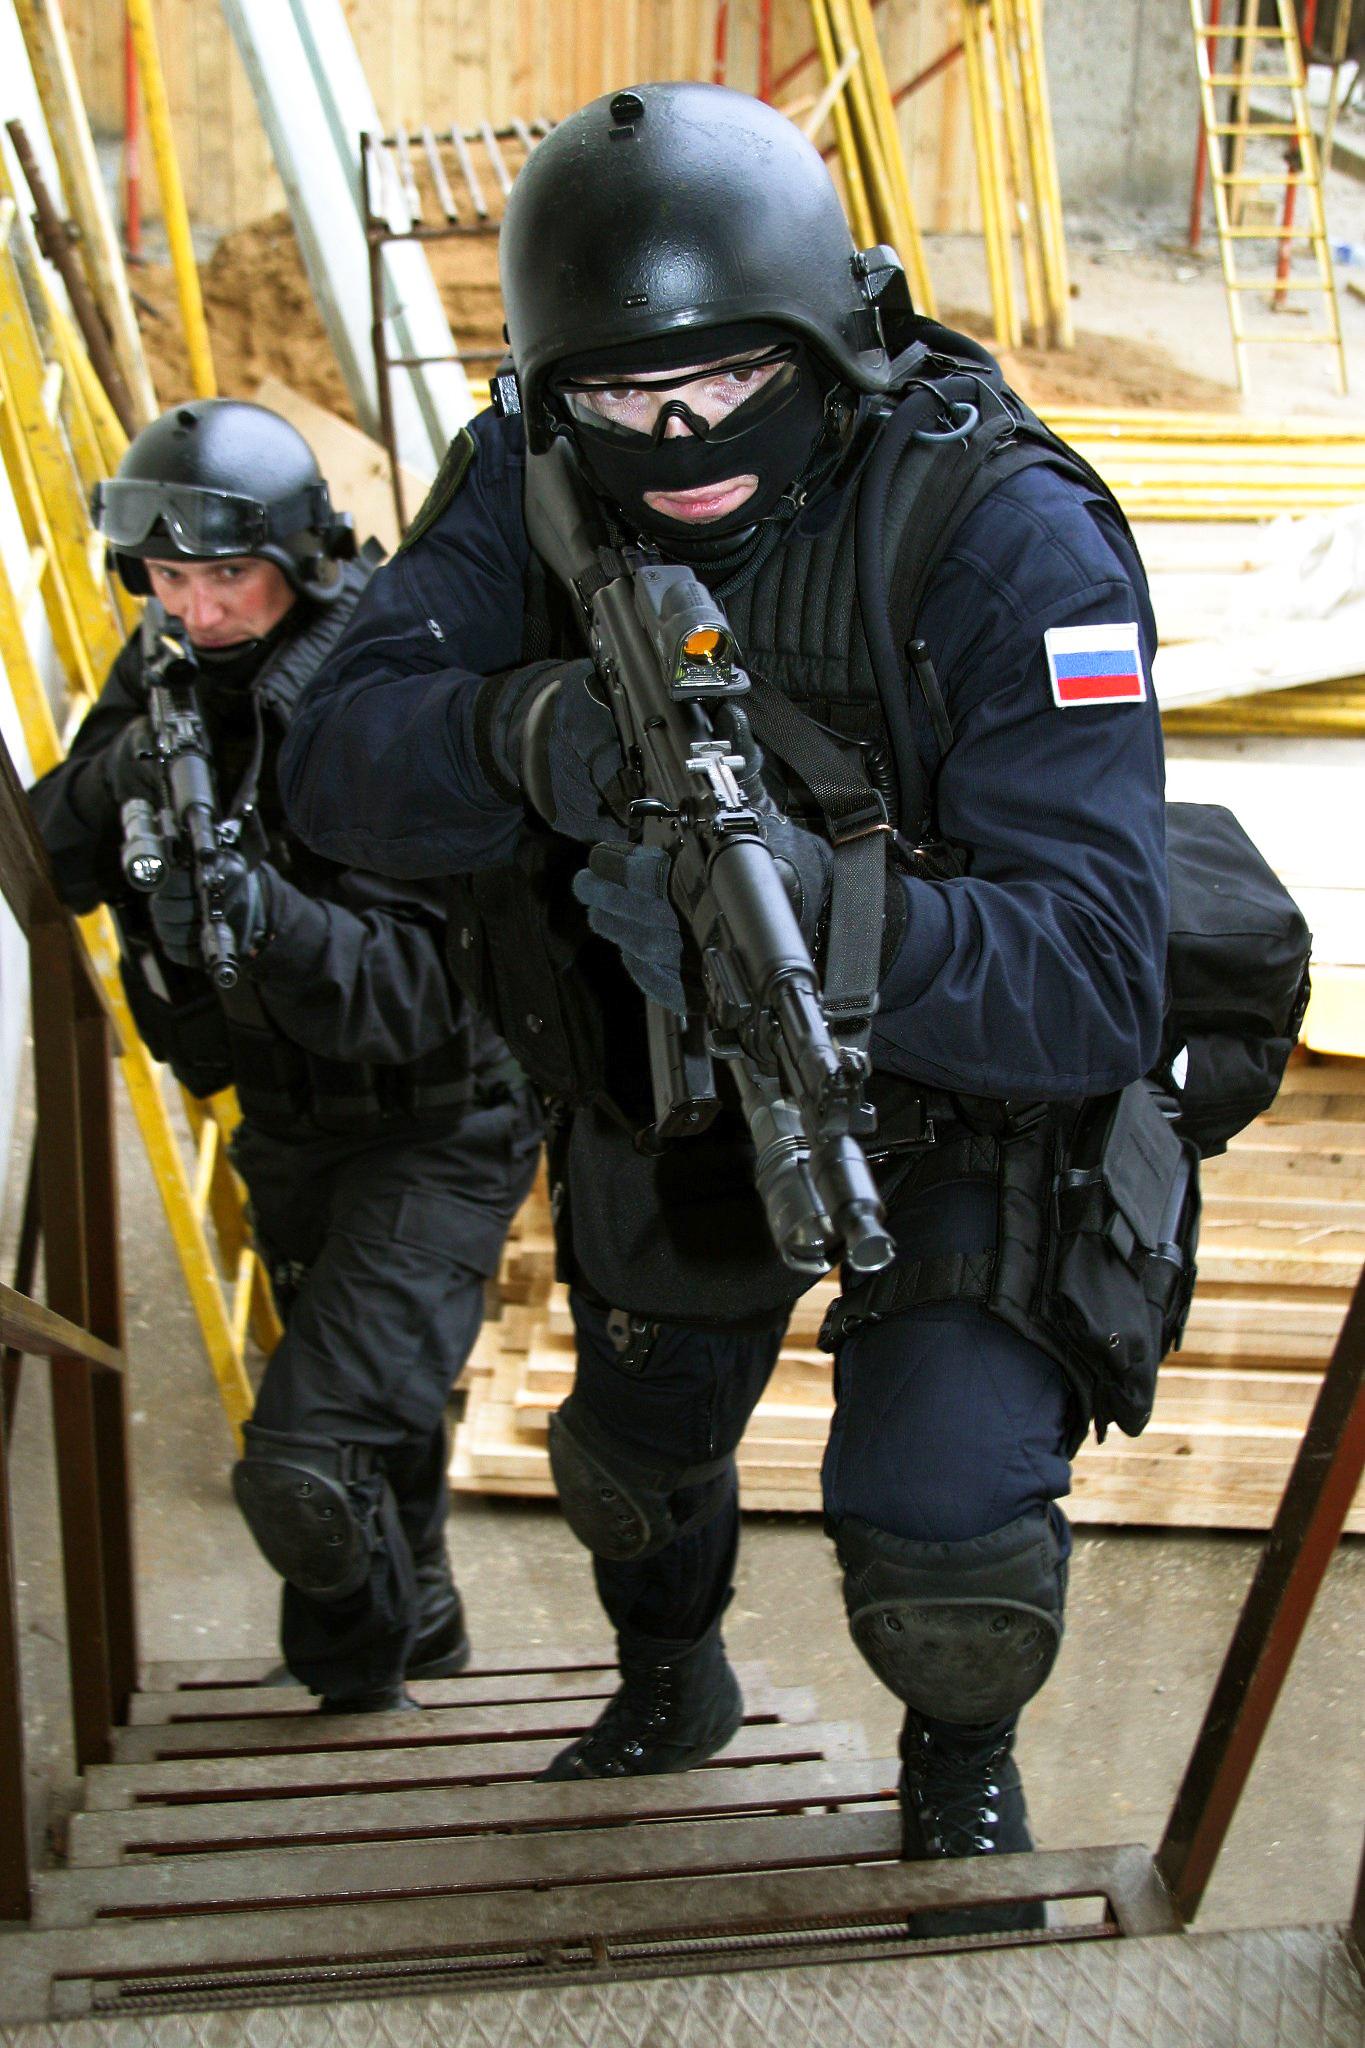 «Россия гордится этими людьми. Террористы, экстремисты всех мастей должны знать, чтоуРоссии есть подразделение, есть люди, которые надёжно охраняют её граждан» (Владимир Путин)